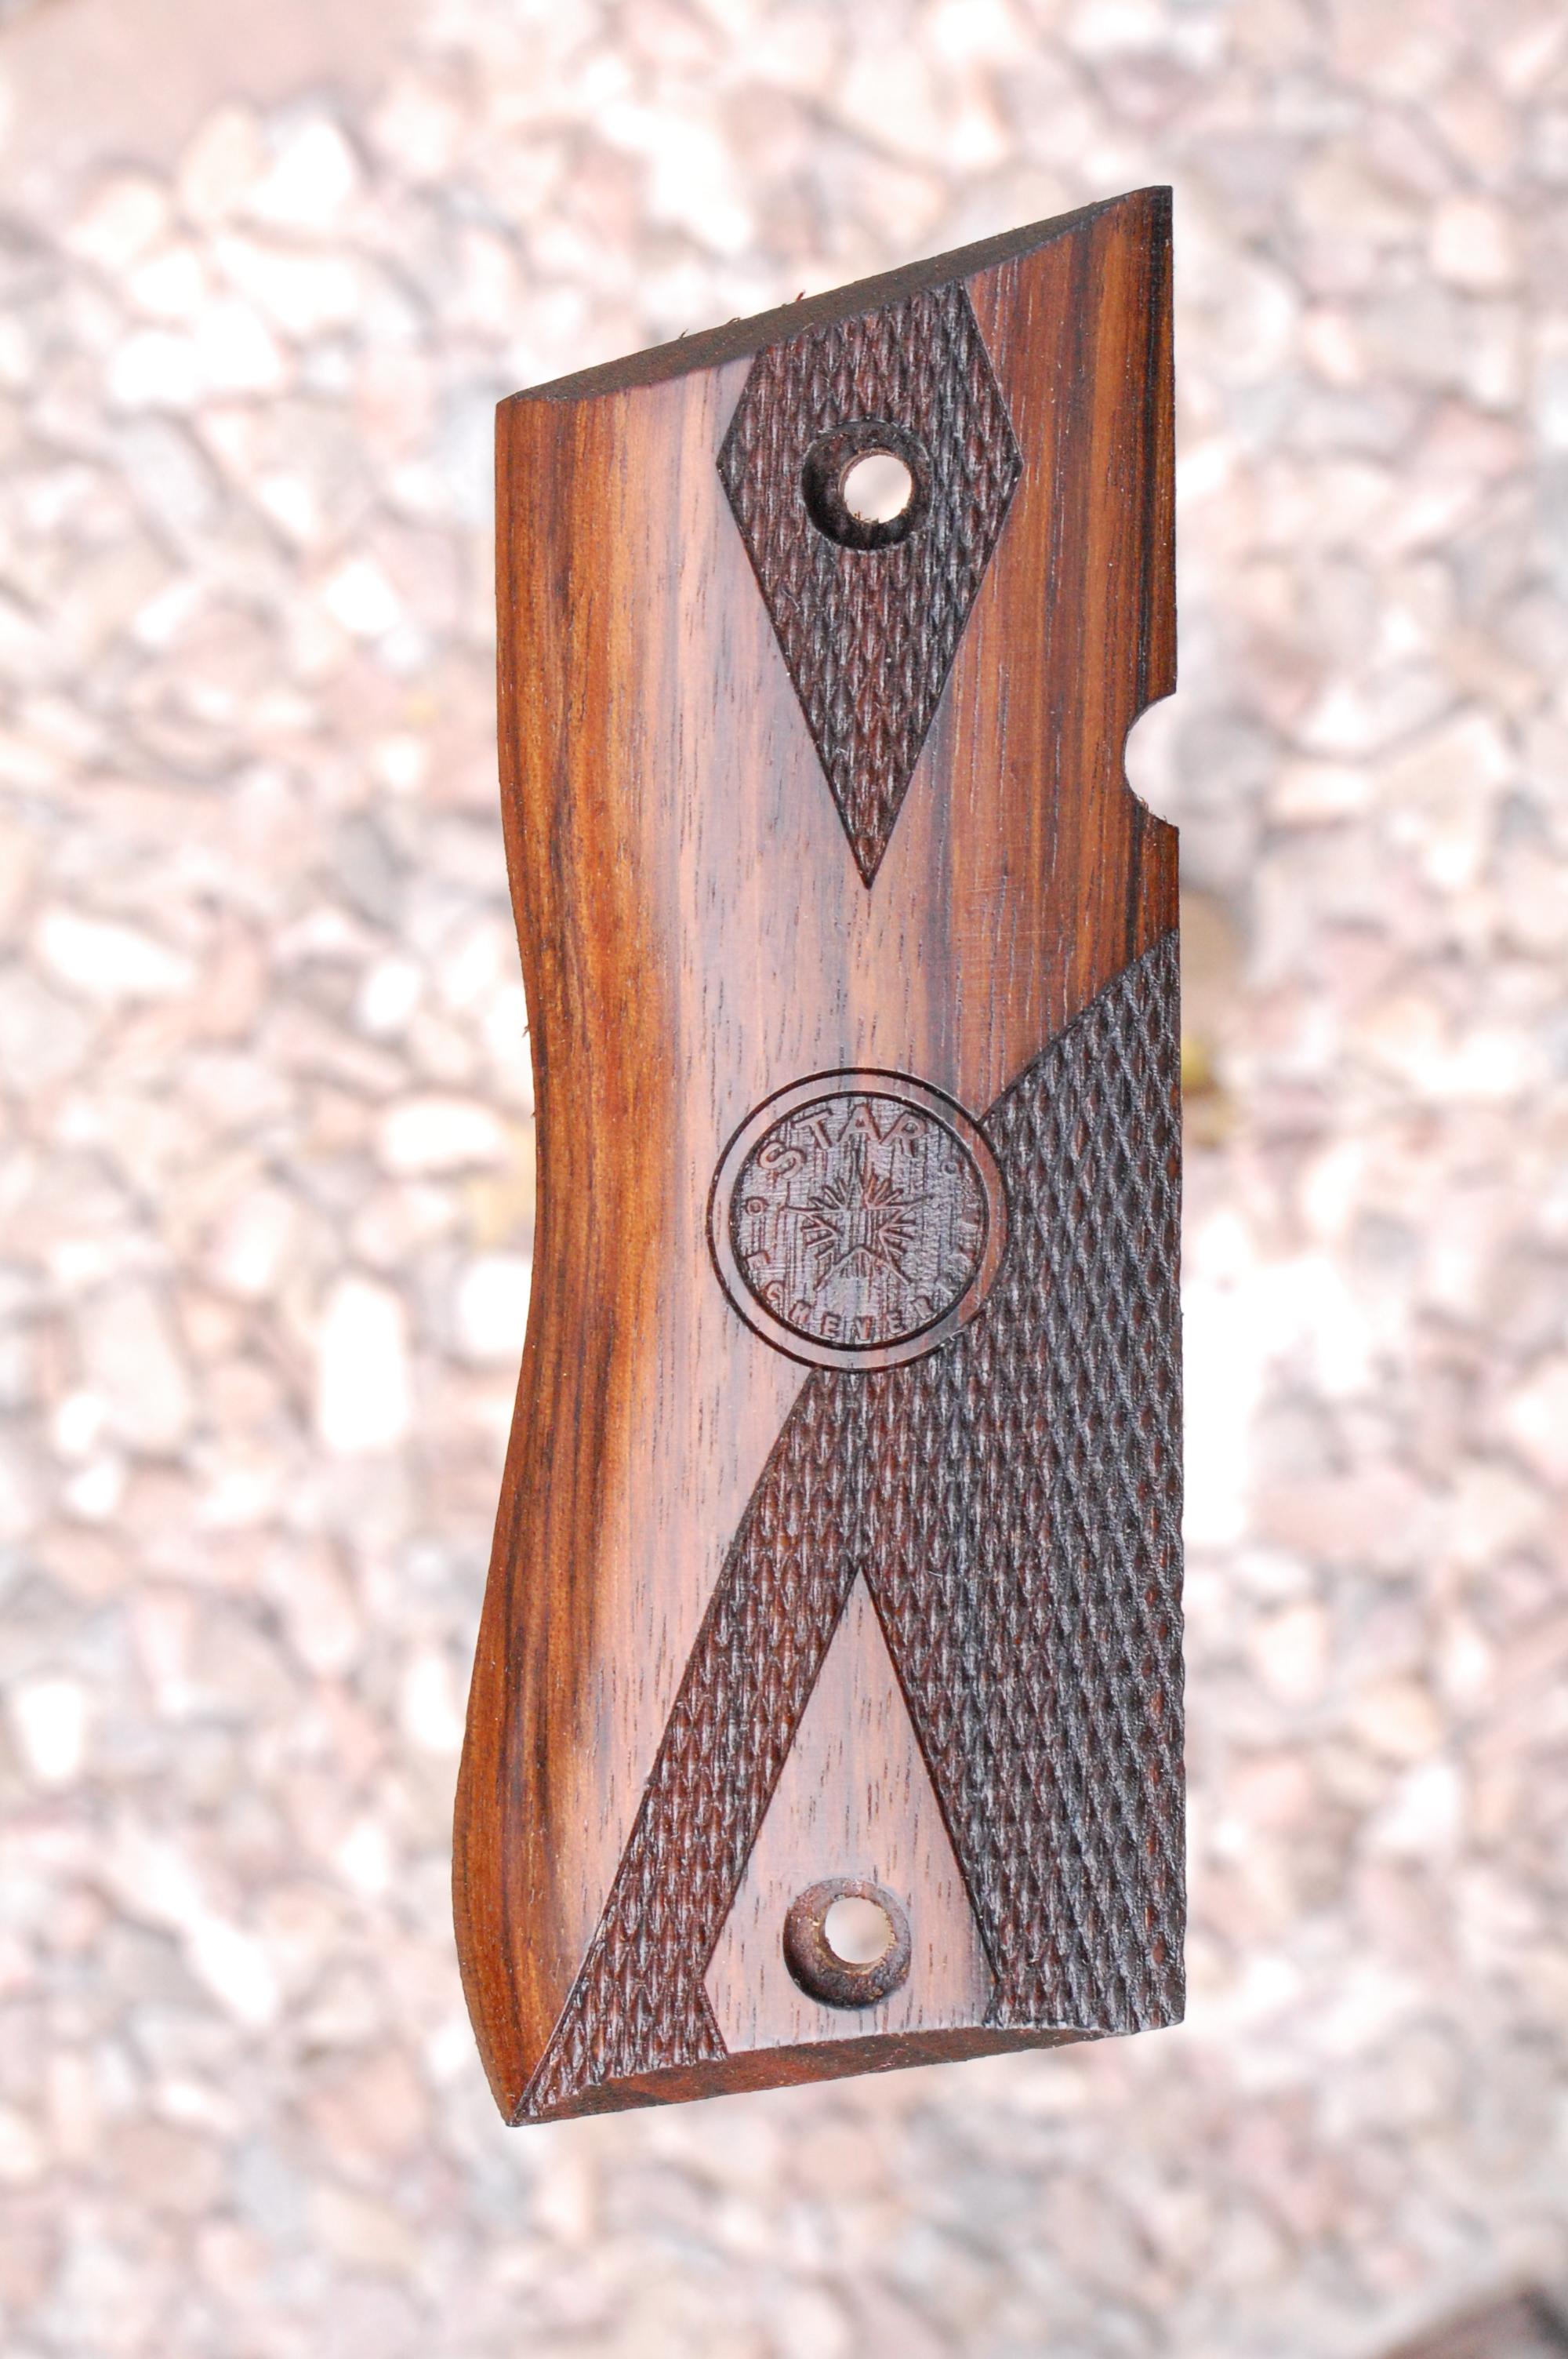 Star BM grips (part.checkered) - full size